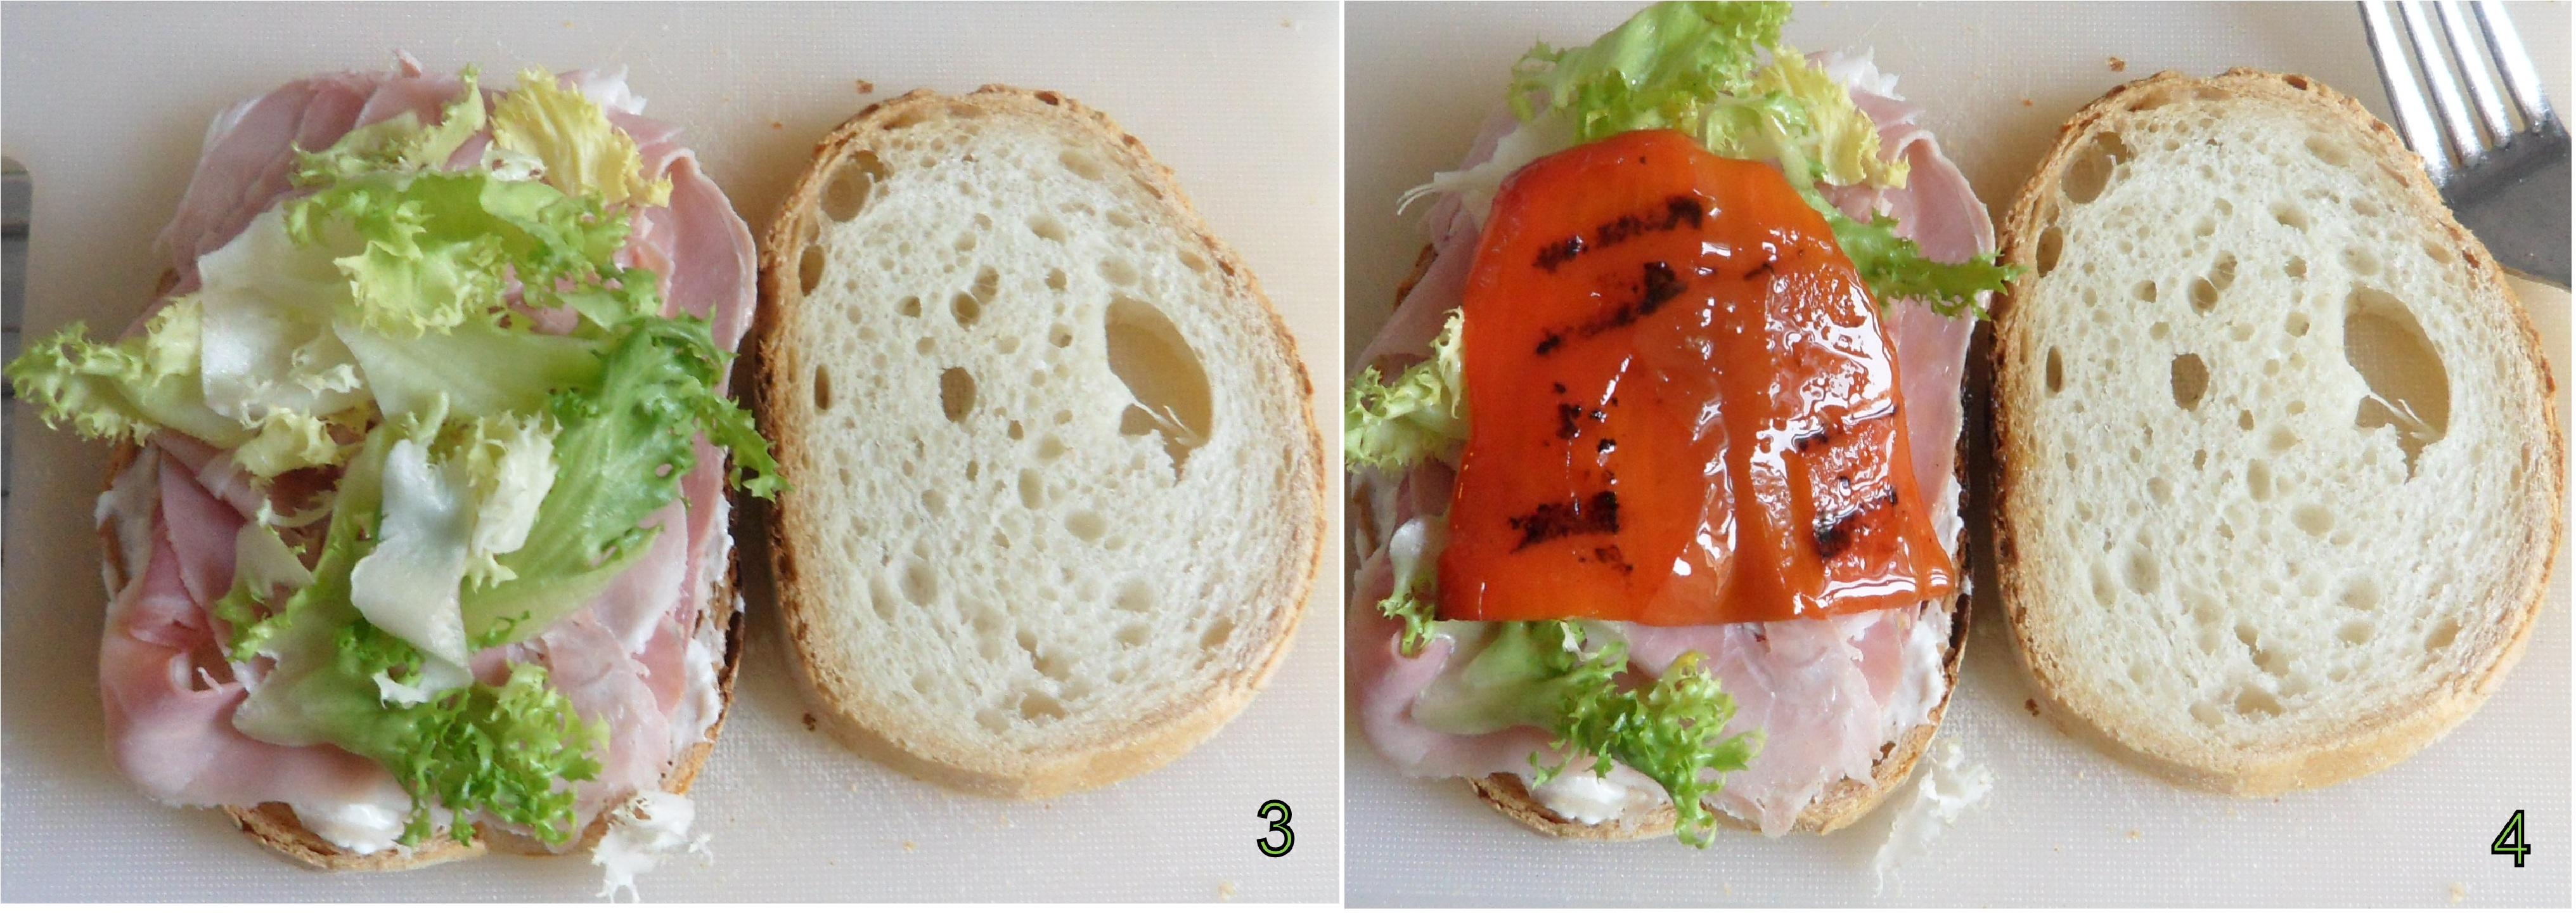 panino con prosciutto cotto stracchino e peperoni ricetta ricca il chicco di mais 2